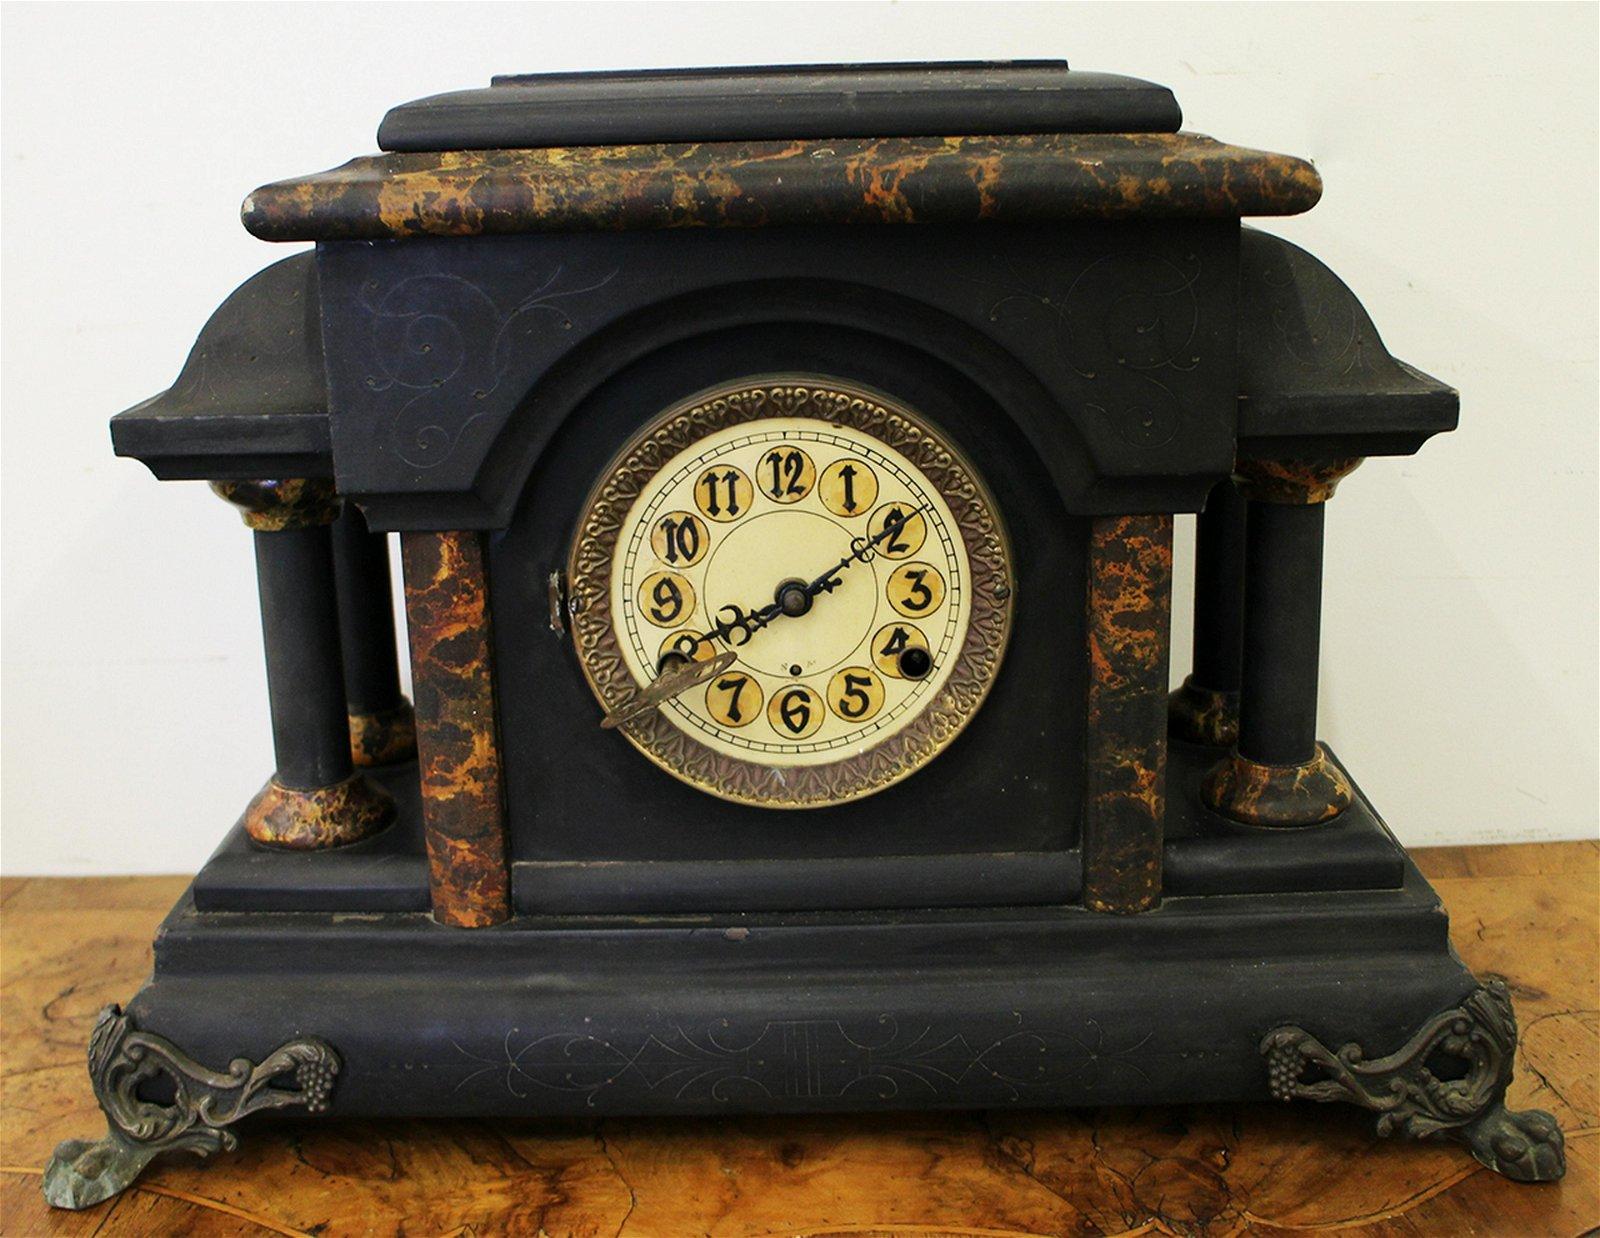 ANTIQUE MANTLE CLOCK - JEROME & CO.